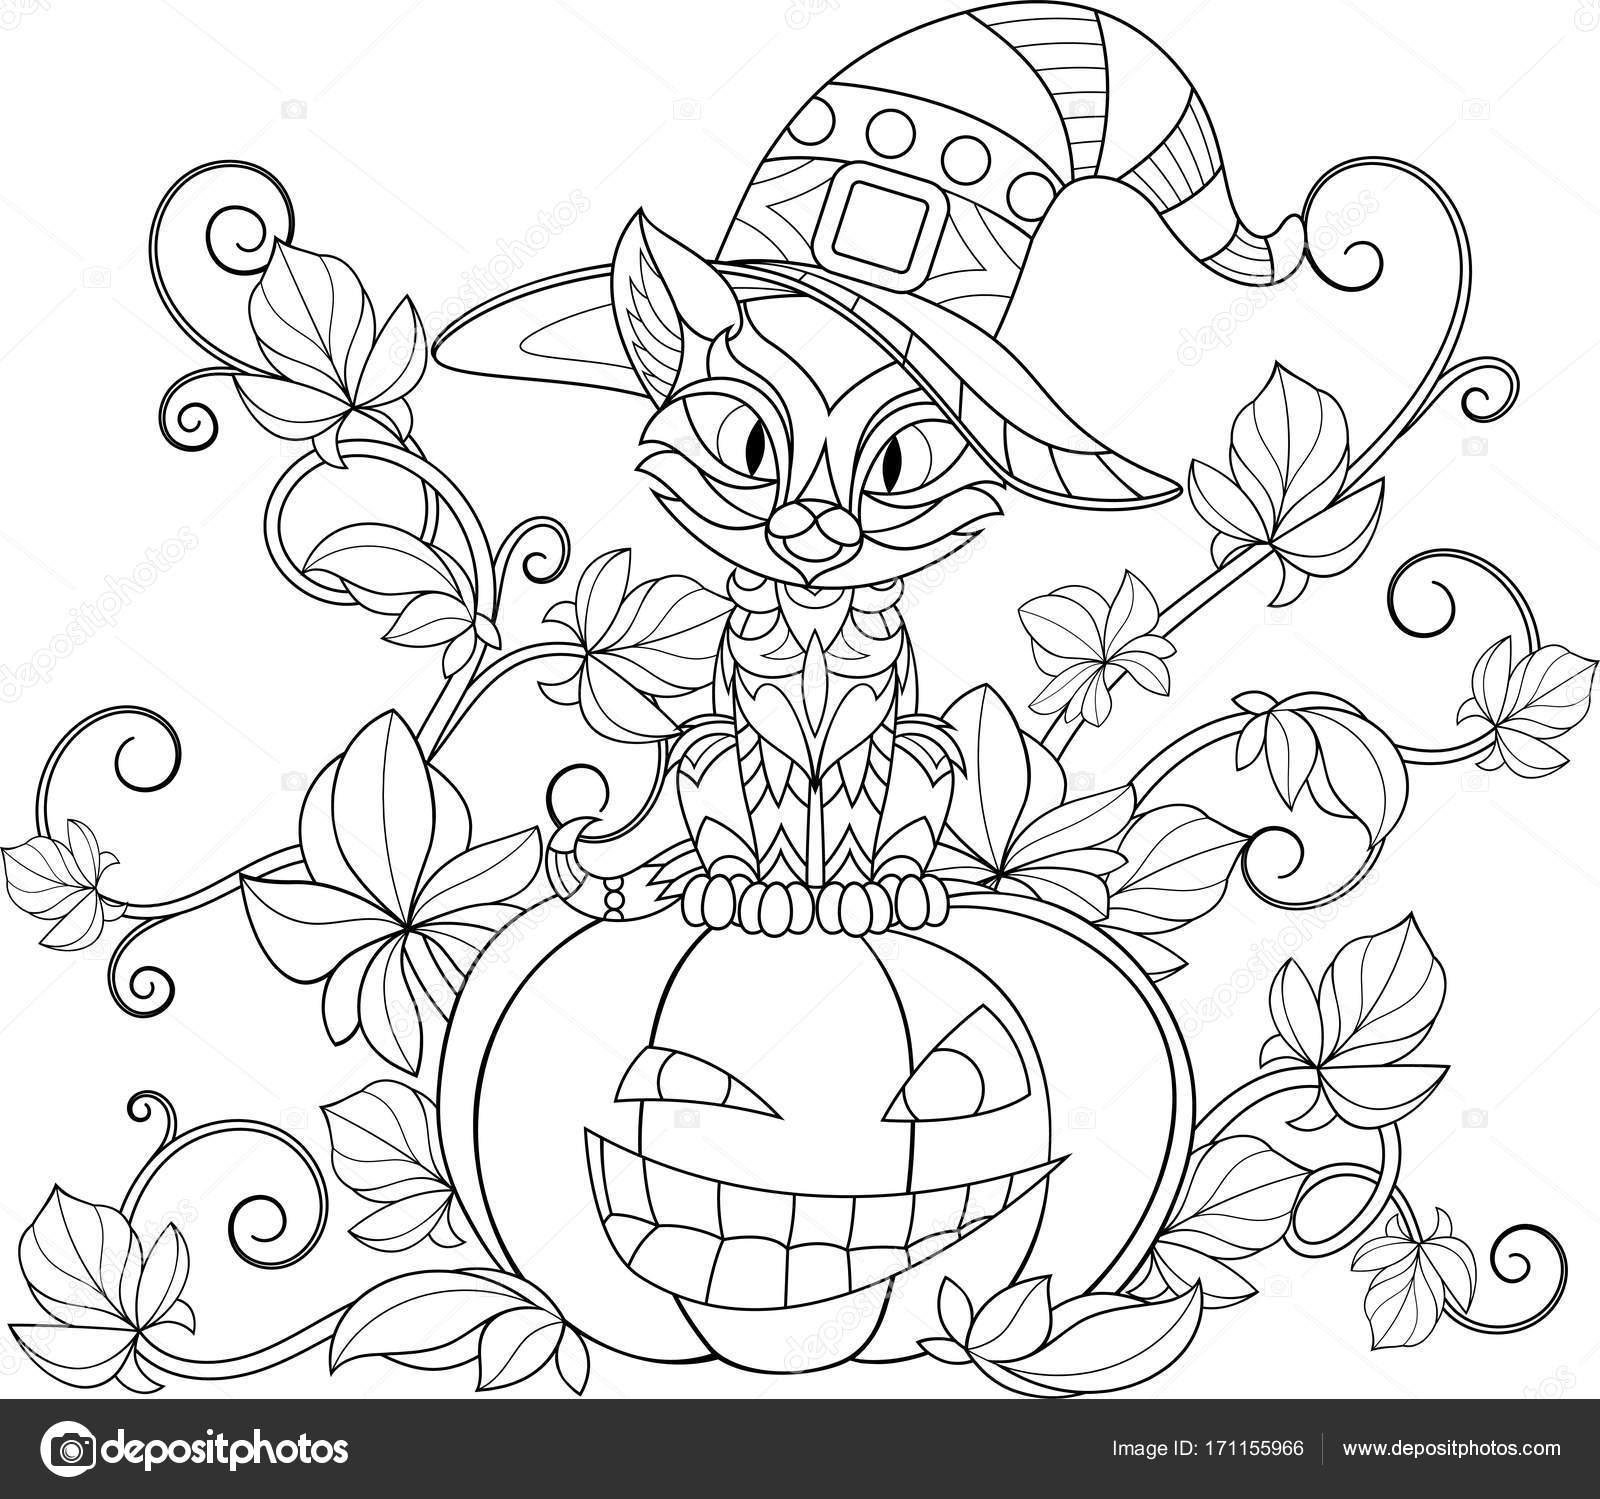 Thema Kleurplaten Halloween.Thematische Kleurplaten Voor Halloween Stockvector